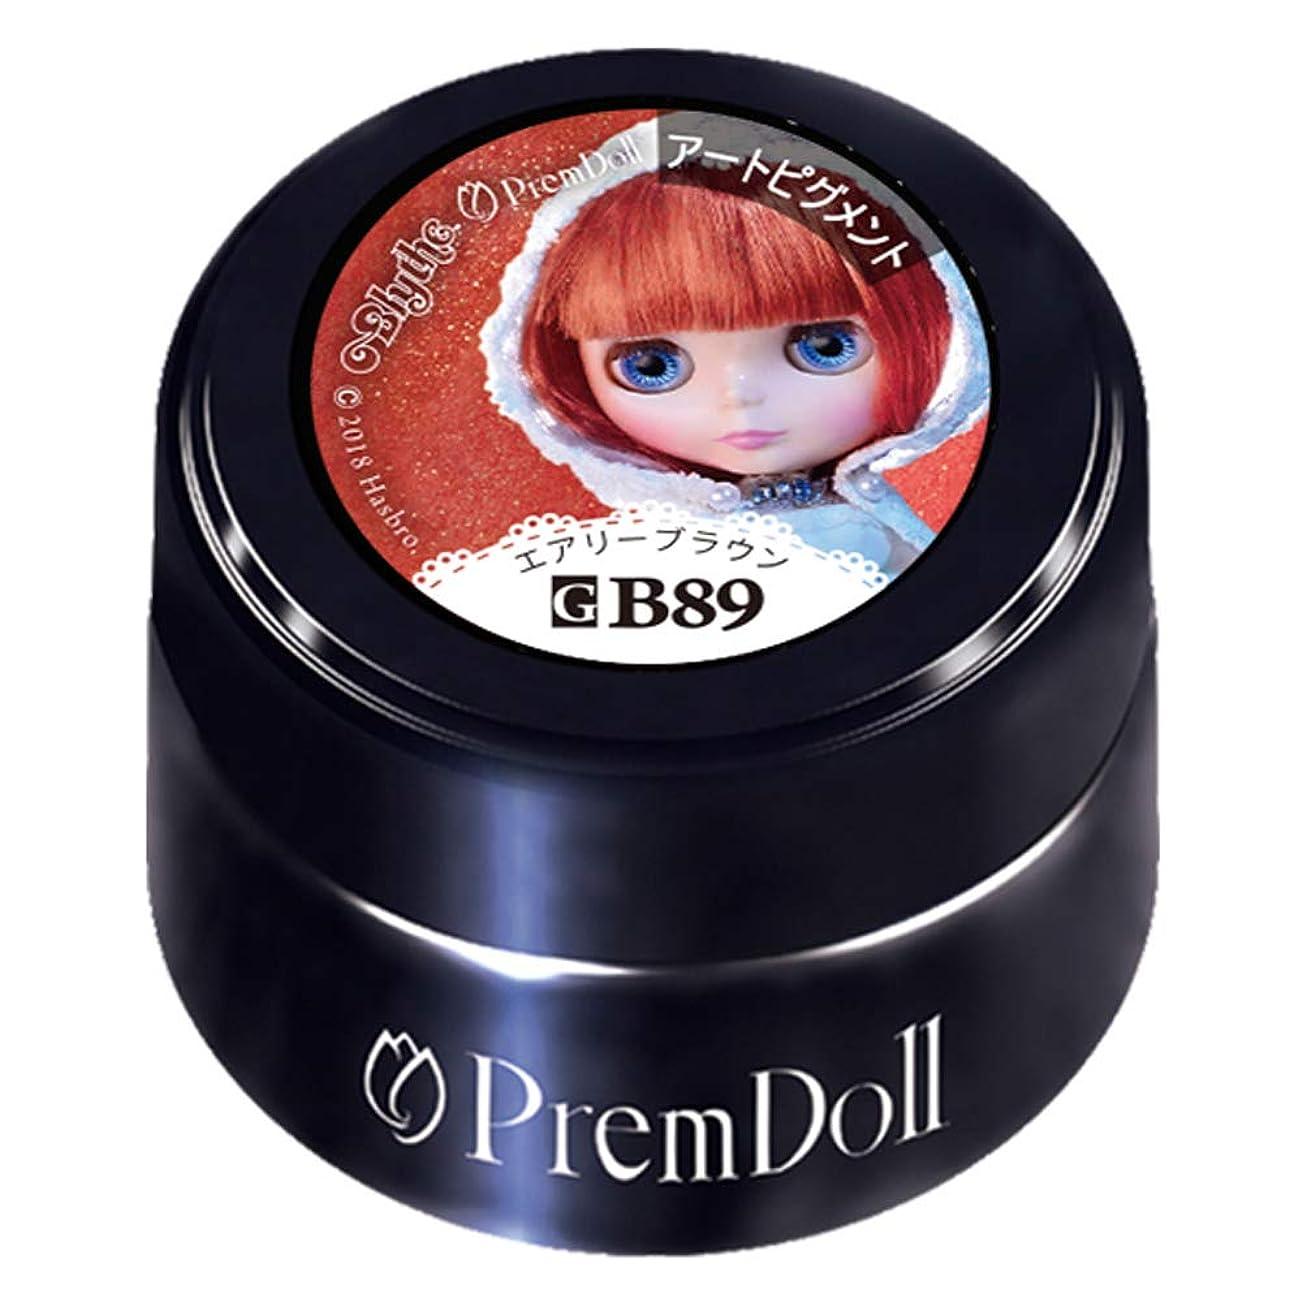 補体行為経済PRE GEL プリムドール エアリーブラウン89 DOLL-B89 3g カラージェル UV/LED対応